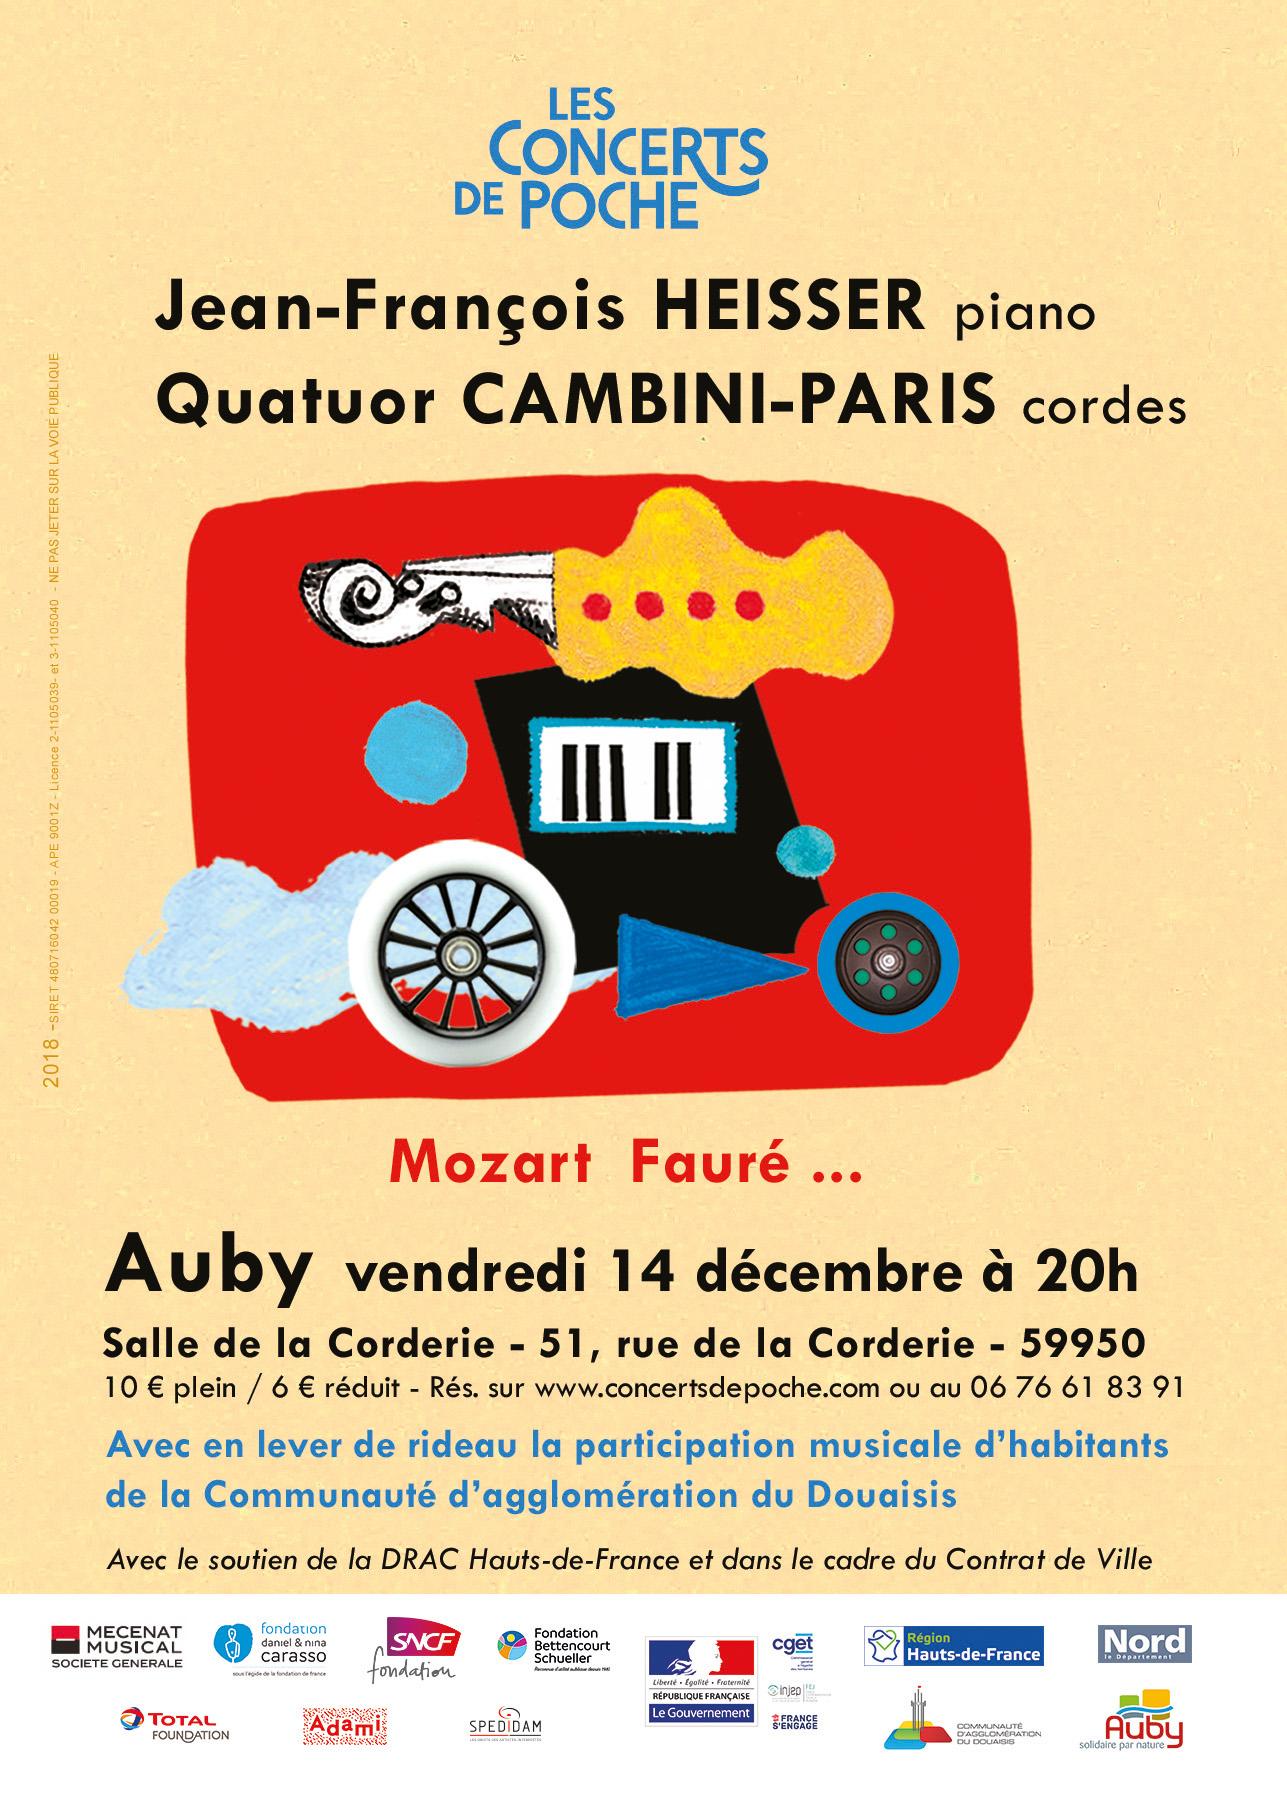 Jean-François Heisser et le Quatuor Cambini-Paris